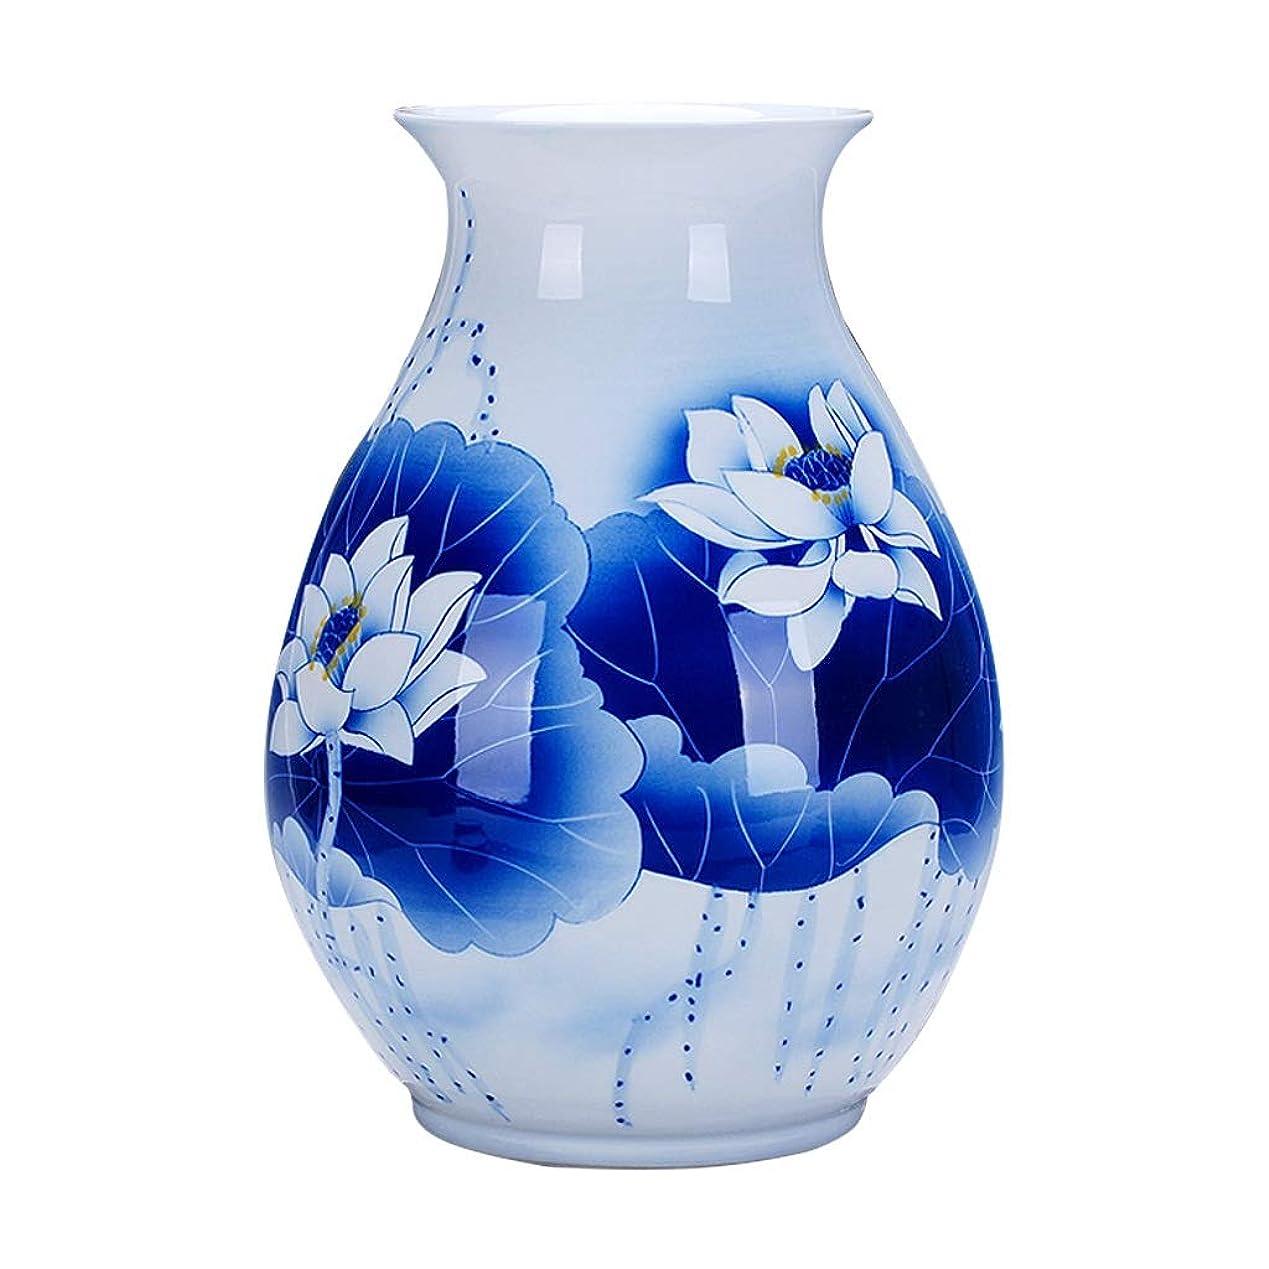 リング命令的娯楽花瓶 デコレーションホーム世帯ウェディングリビングルームベッドルームオフィステーブル白24のx 34センチメートルための花瓶セラミッククラシックロータスハイグレード